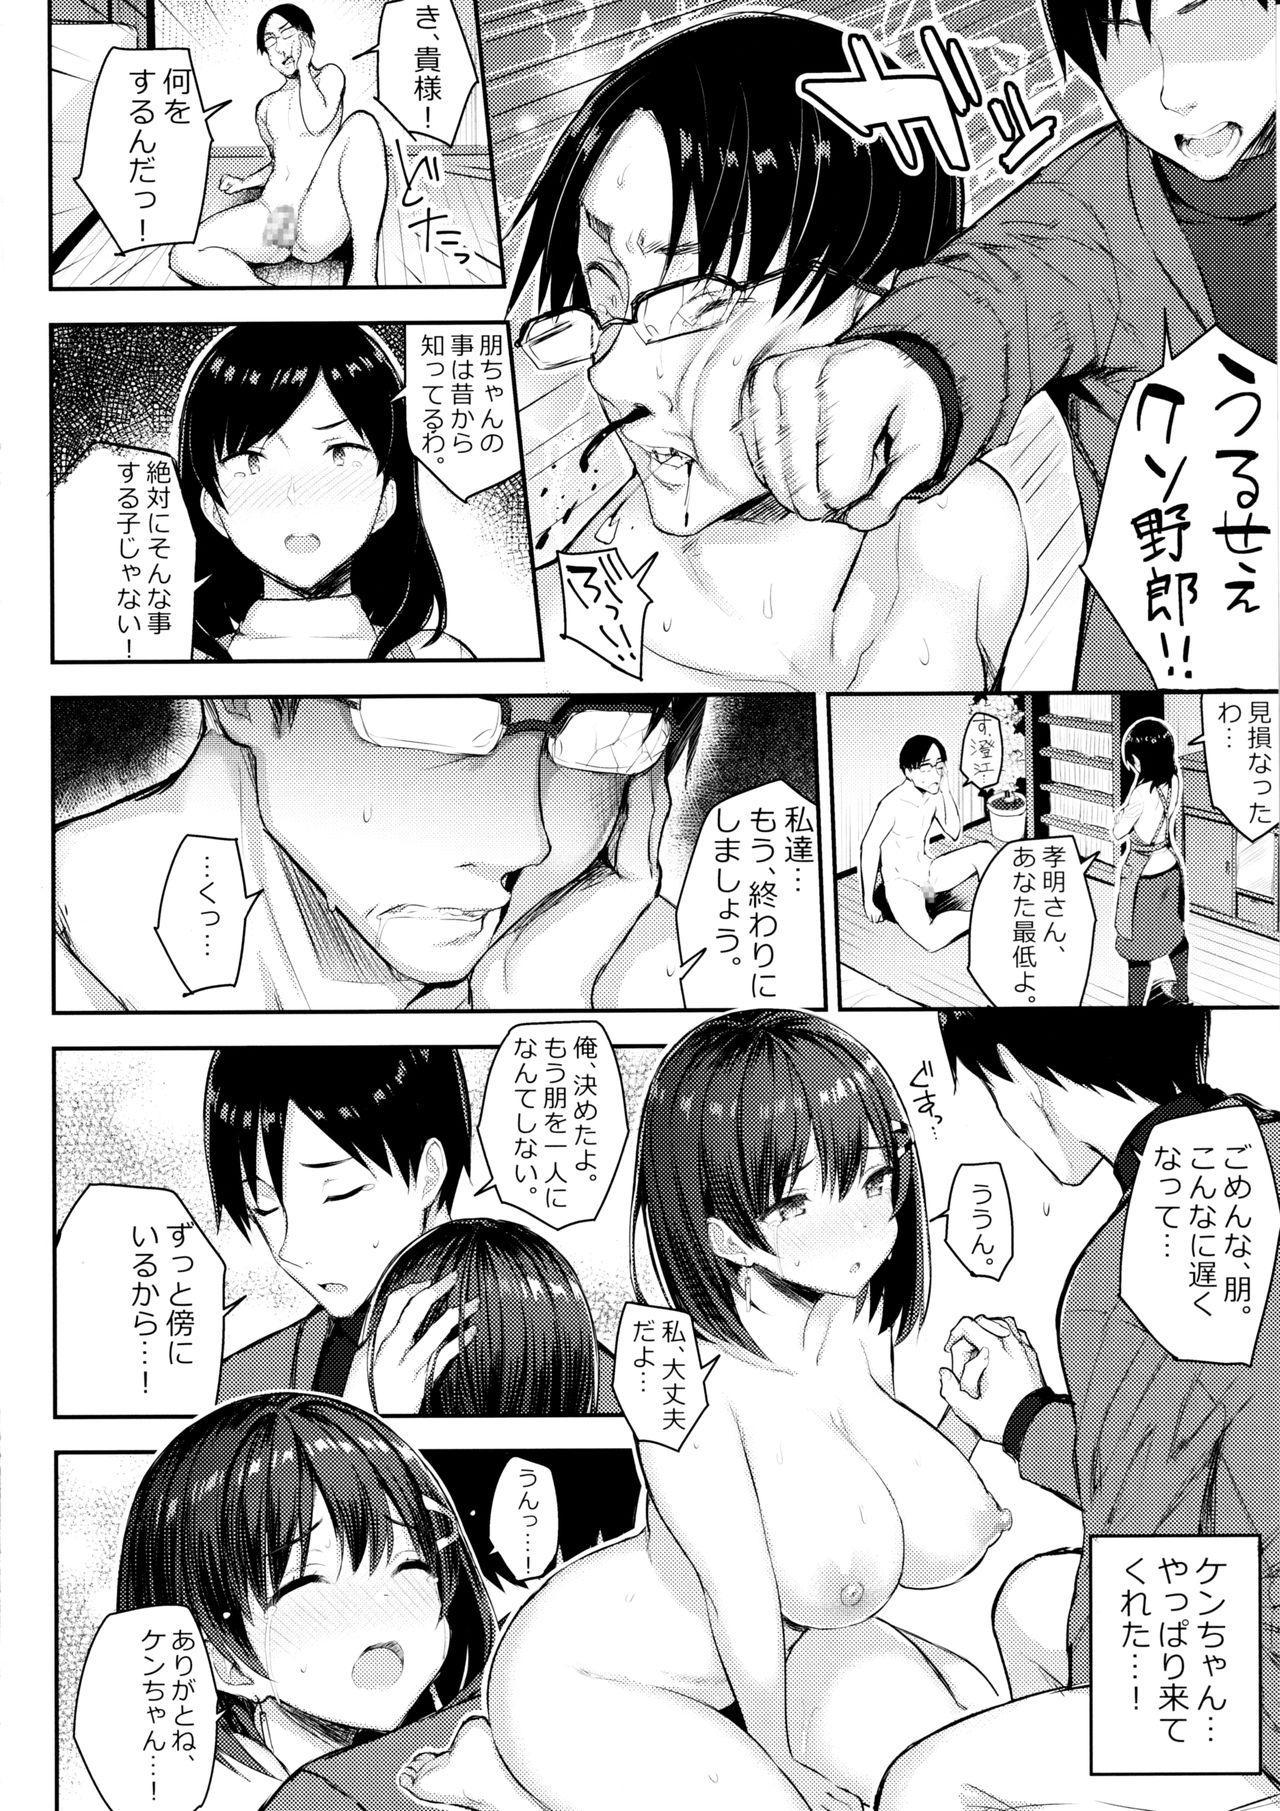 Kyonyuu Itoko ga Iru Kyuuka 3 19